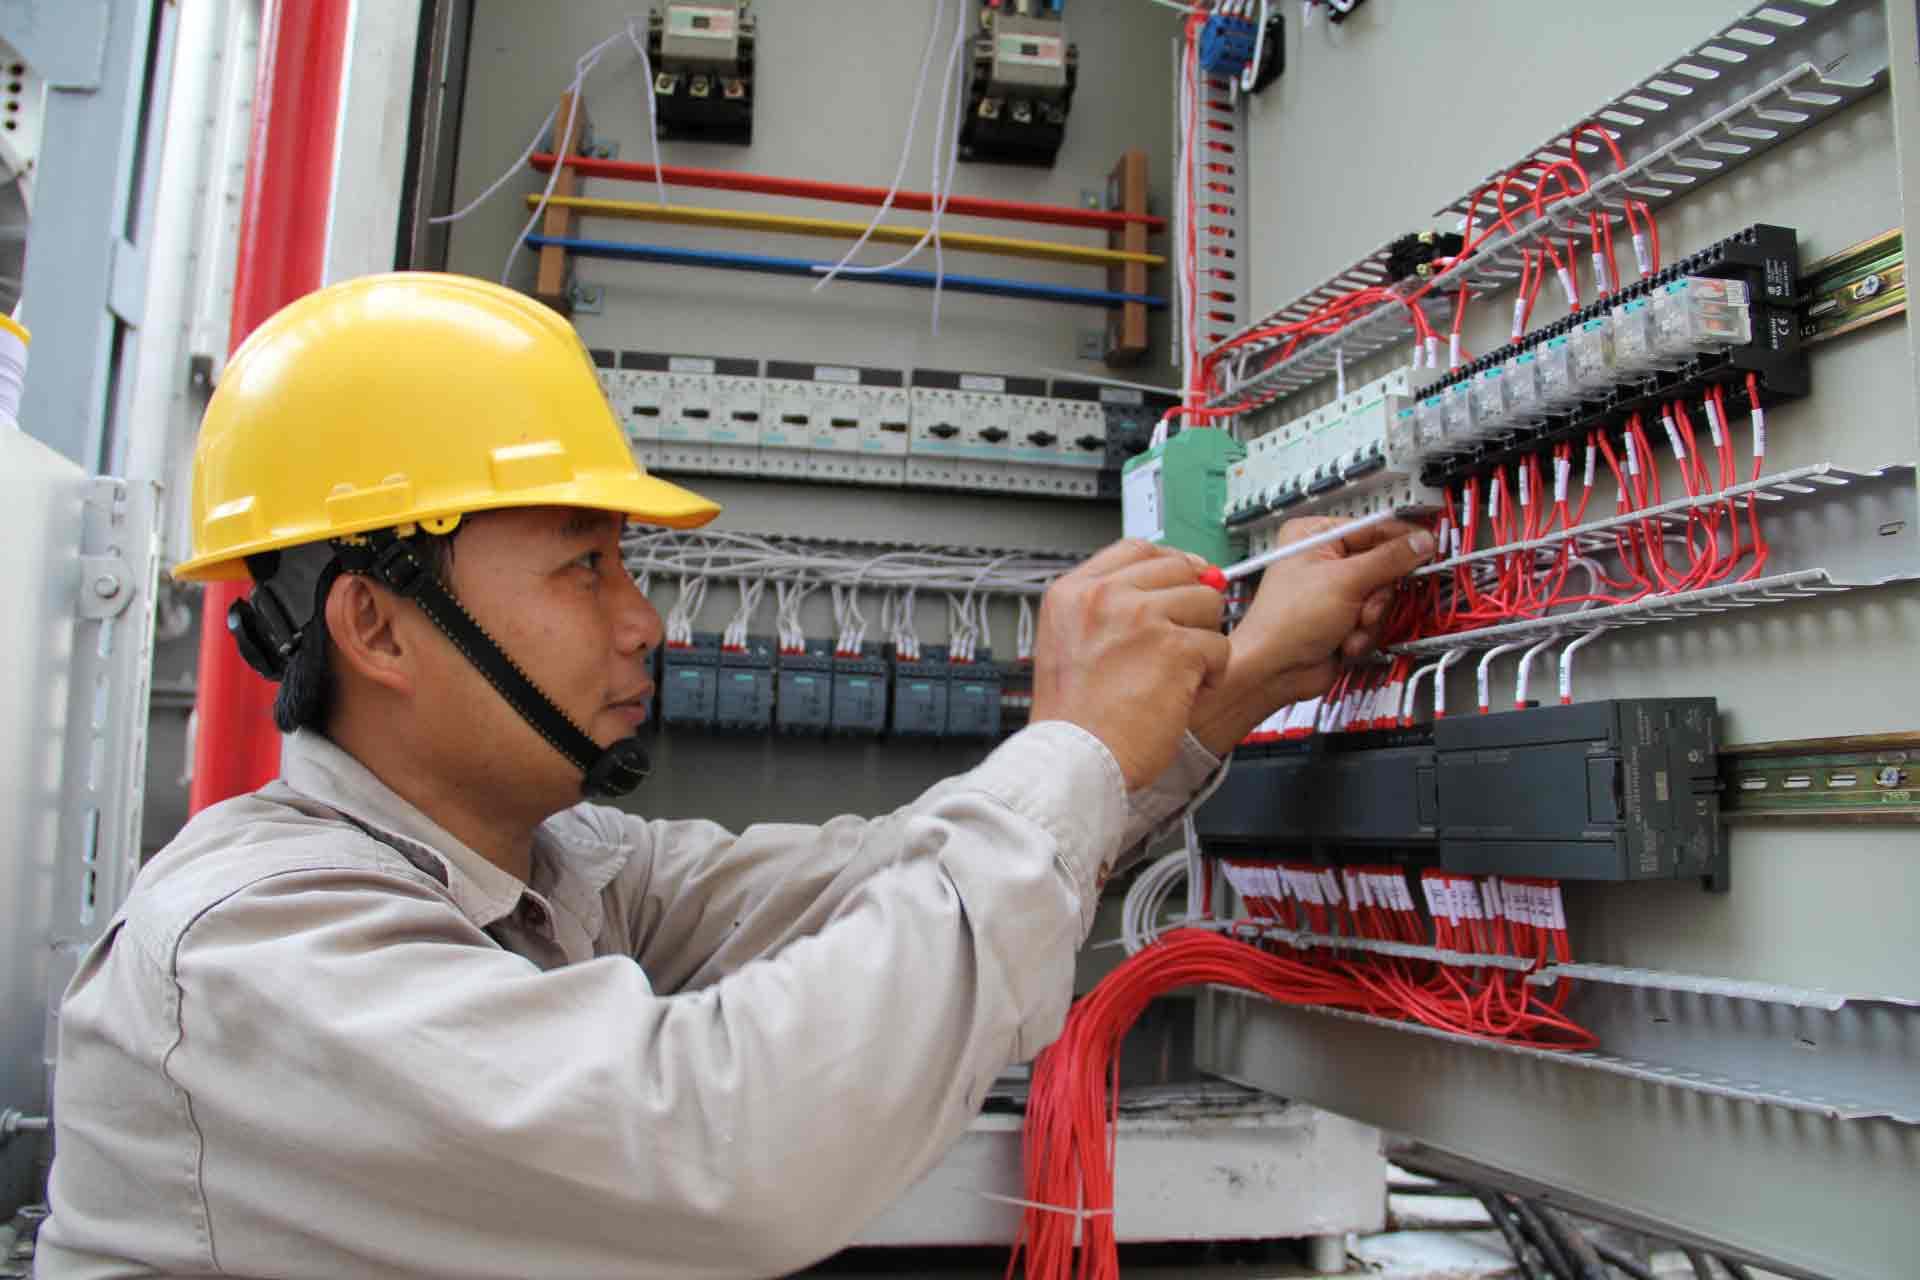 Vận hành máy móc trong ngành điện công nghiệp và dân dụng